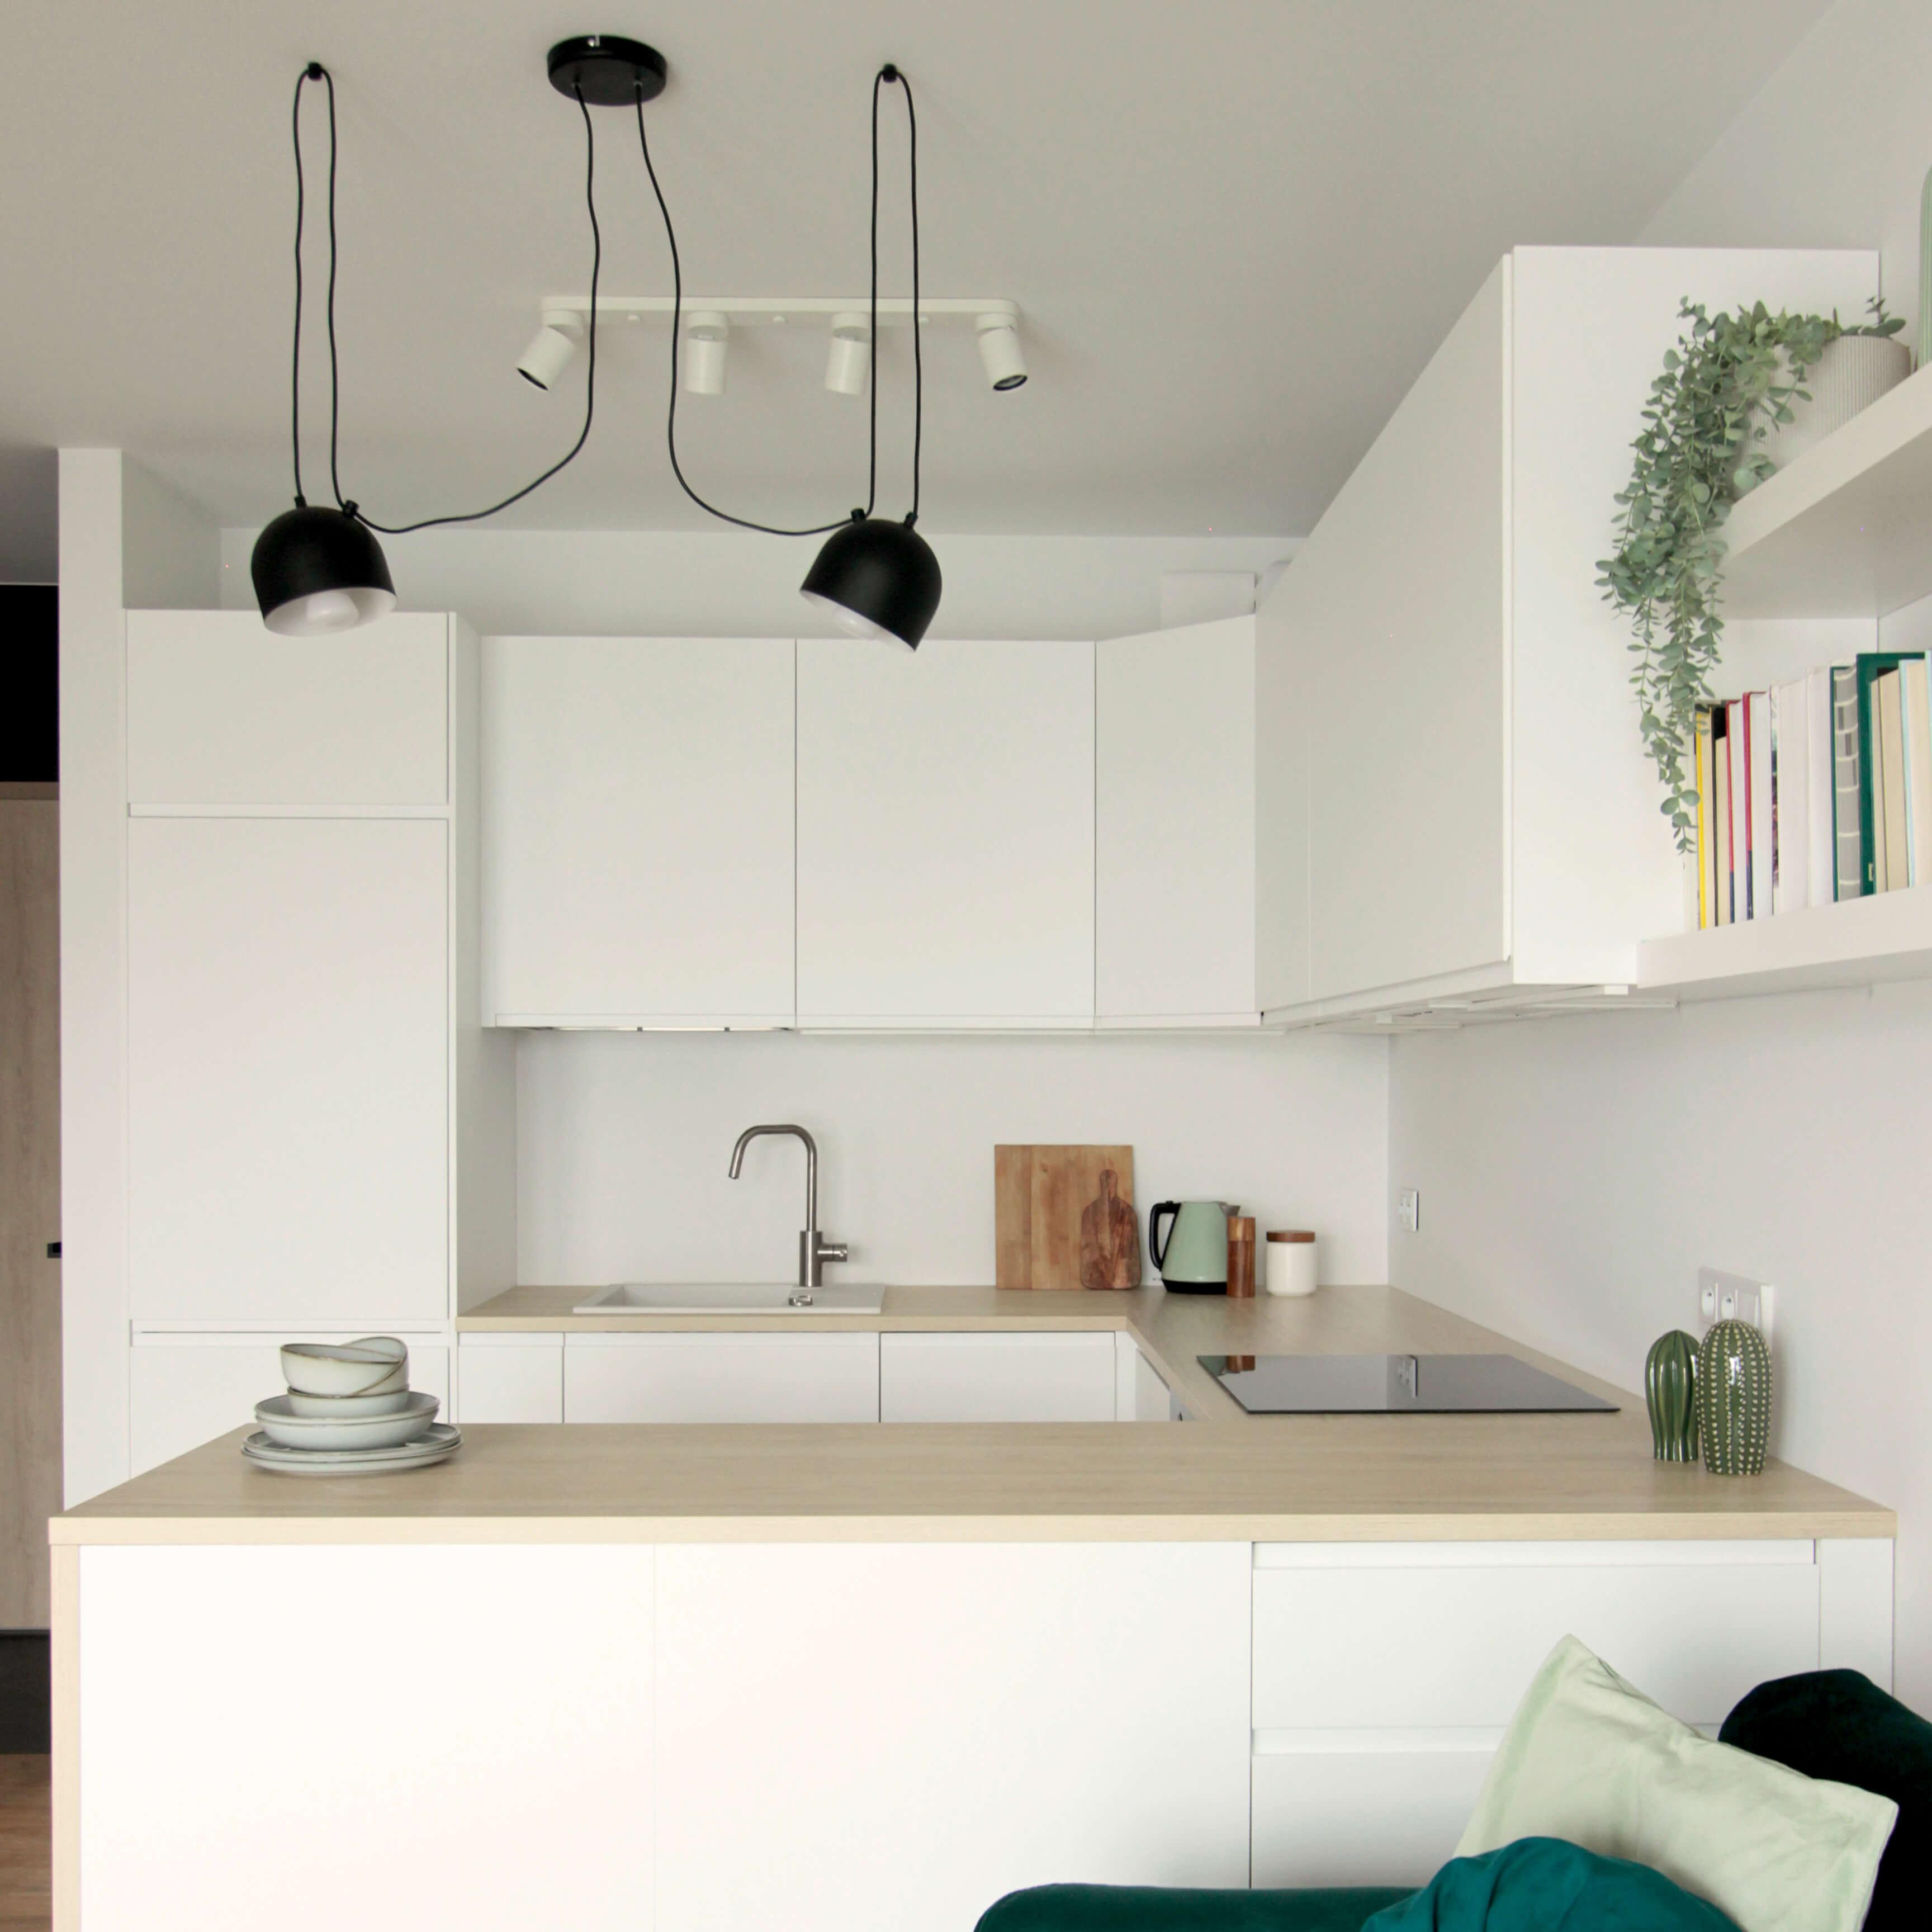 Projekt wnętrza mieszkania wraz z nadzorem nad realizacją. Aneks kuchenny w mieszkaniu 39 m2. Aneksy kuchenne w salonach to często spotykane rozwiązanie. Dzięki wyspie kuchennej ta strefa bardzo jasno oddziela się od pozostałych. Zabudowa w kształcie litery U pozwala wygodnie gotować zapewniając odpowiednią kolejność sprzętów i dużą ilość blatu roboczego.